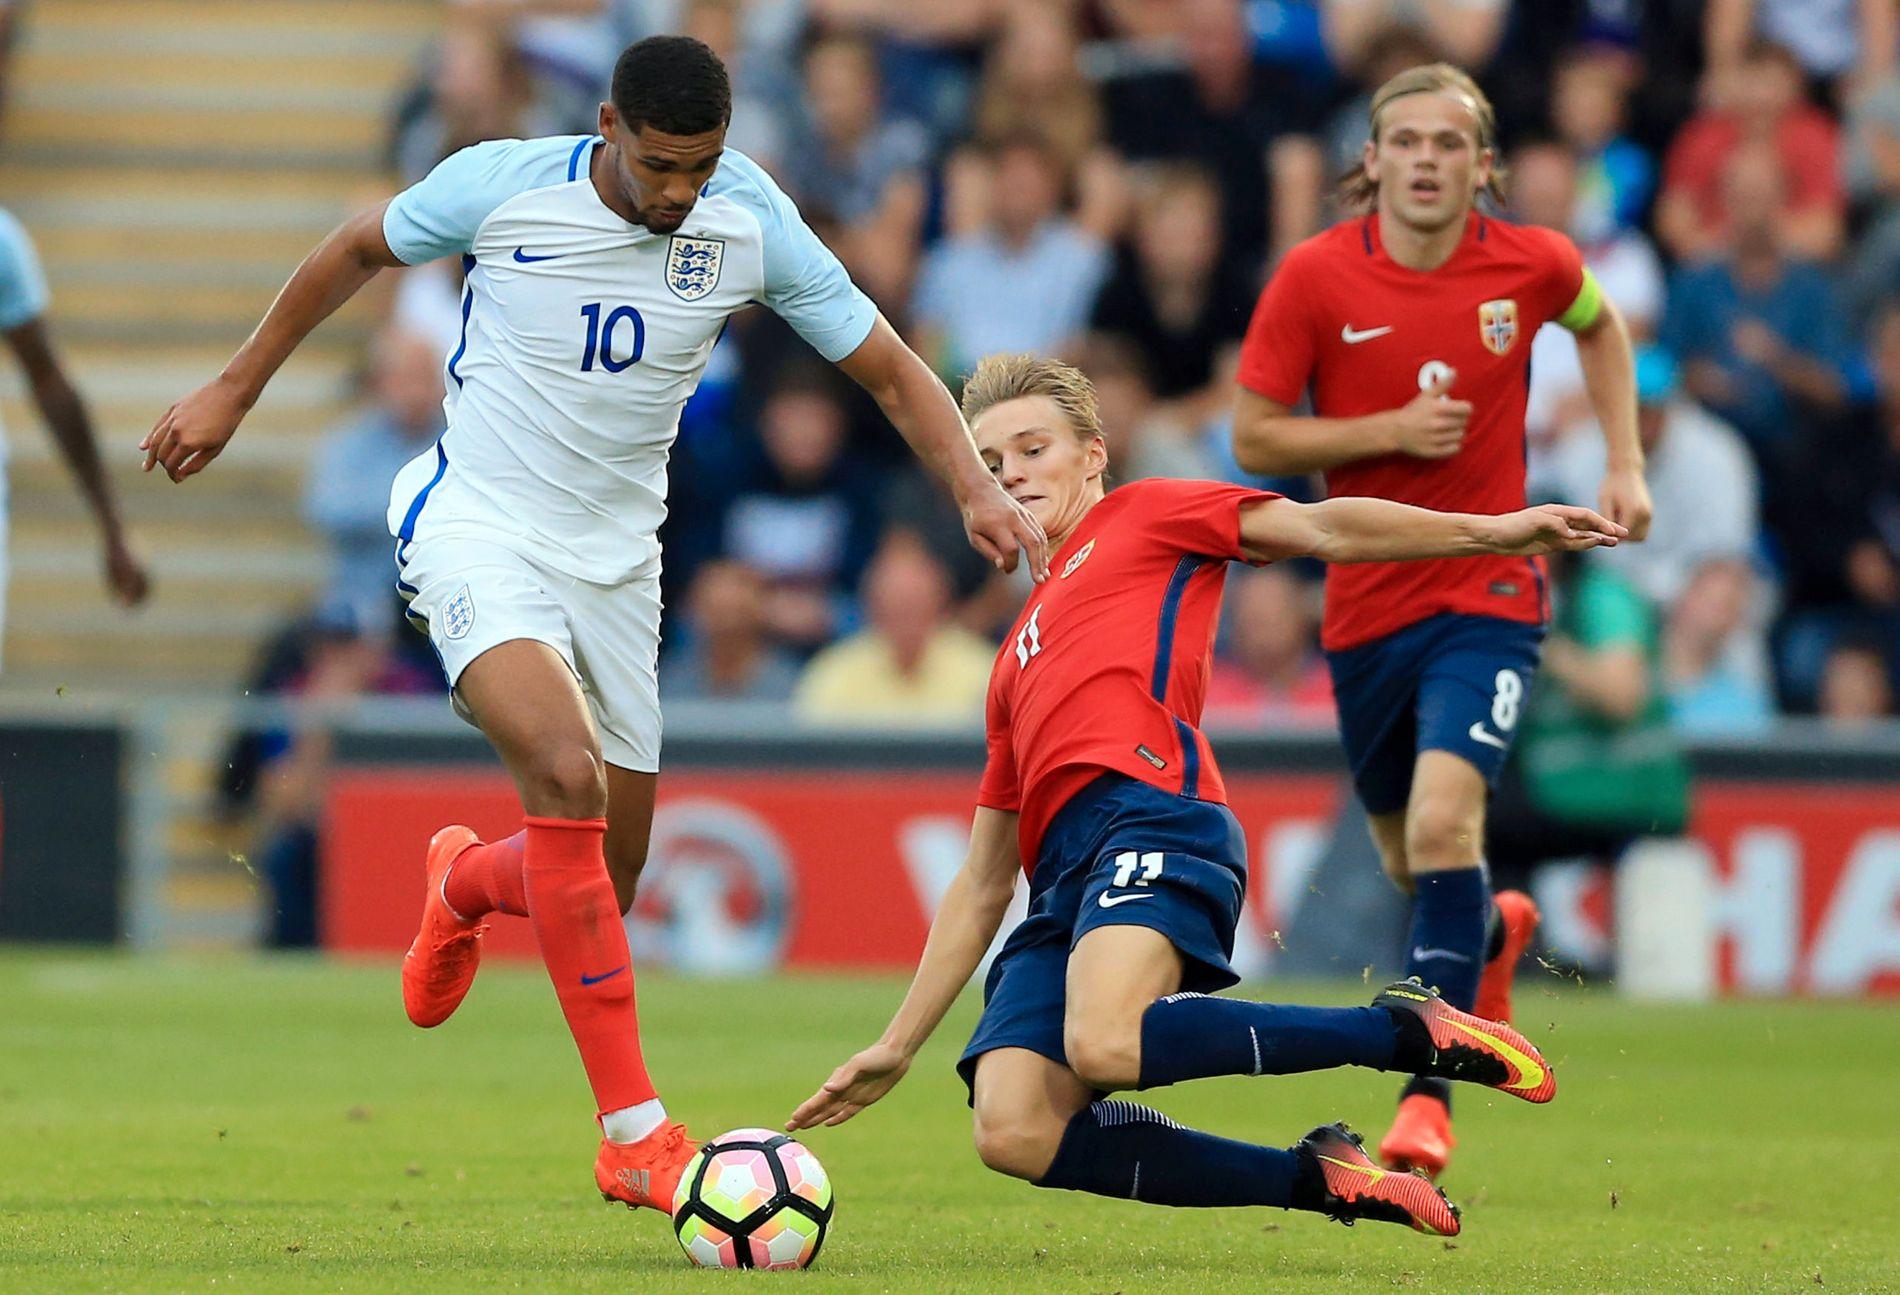 BLE FOR SMÅ: Englands Ruben Loftus-Cheek fosser forbi Martin Ødegaard i tirsdagens U21-kamp i Colchester.